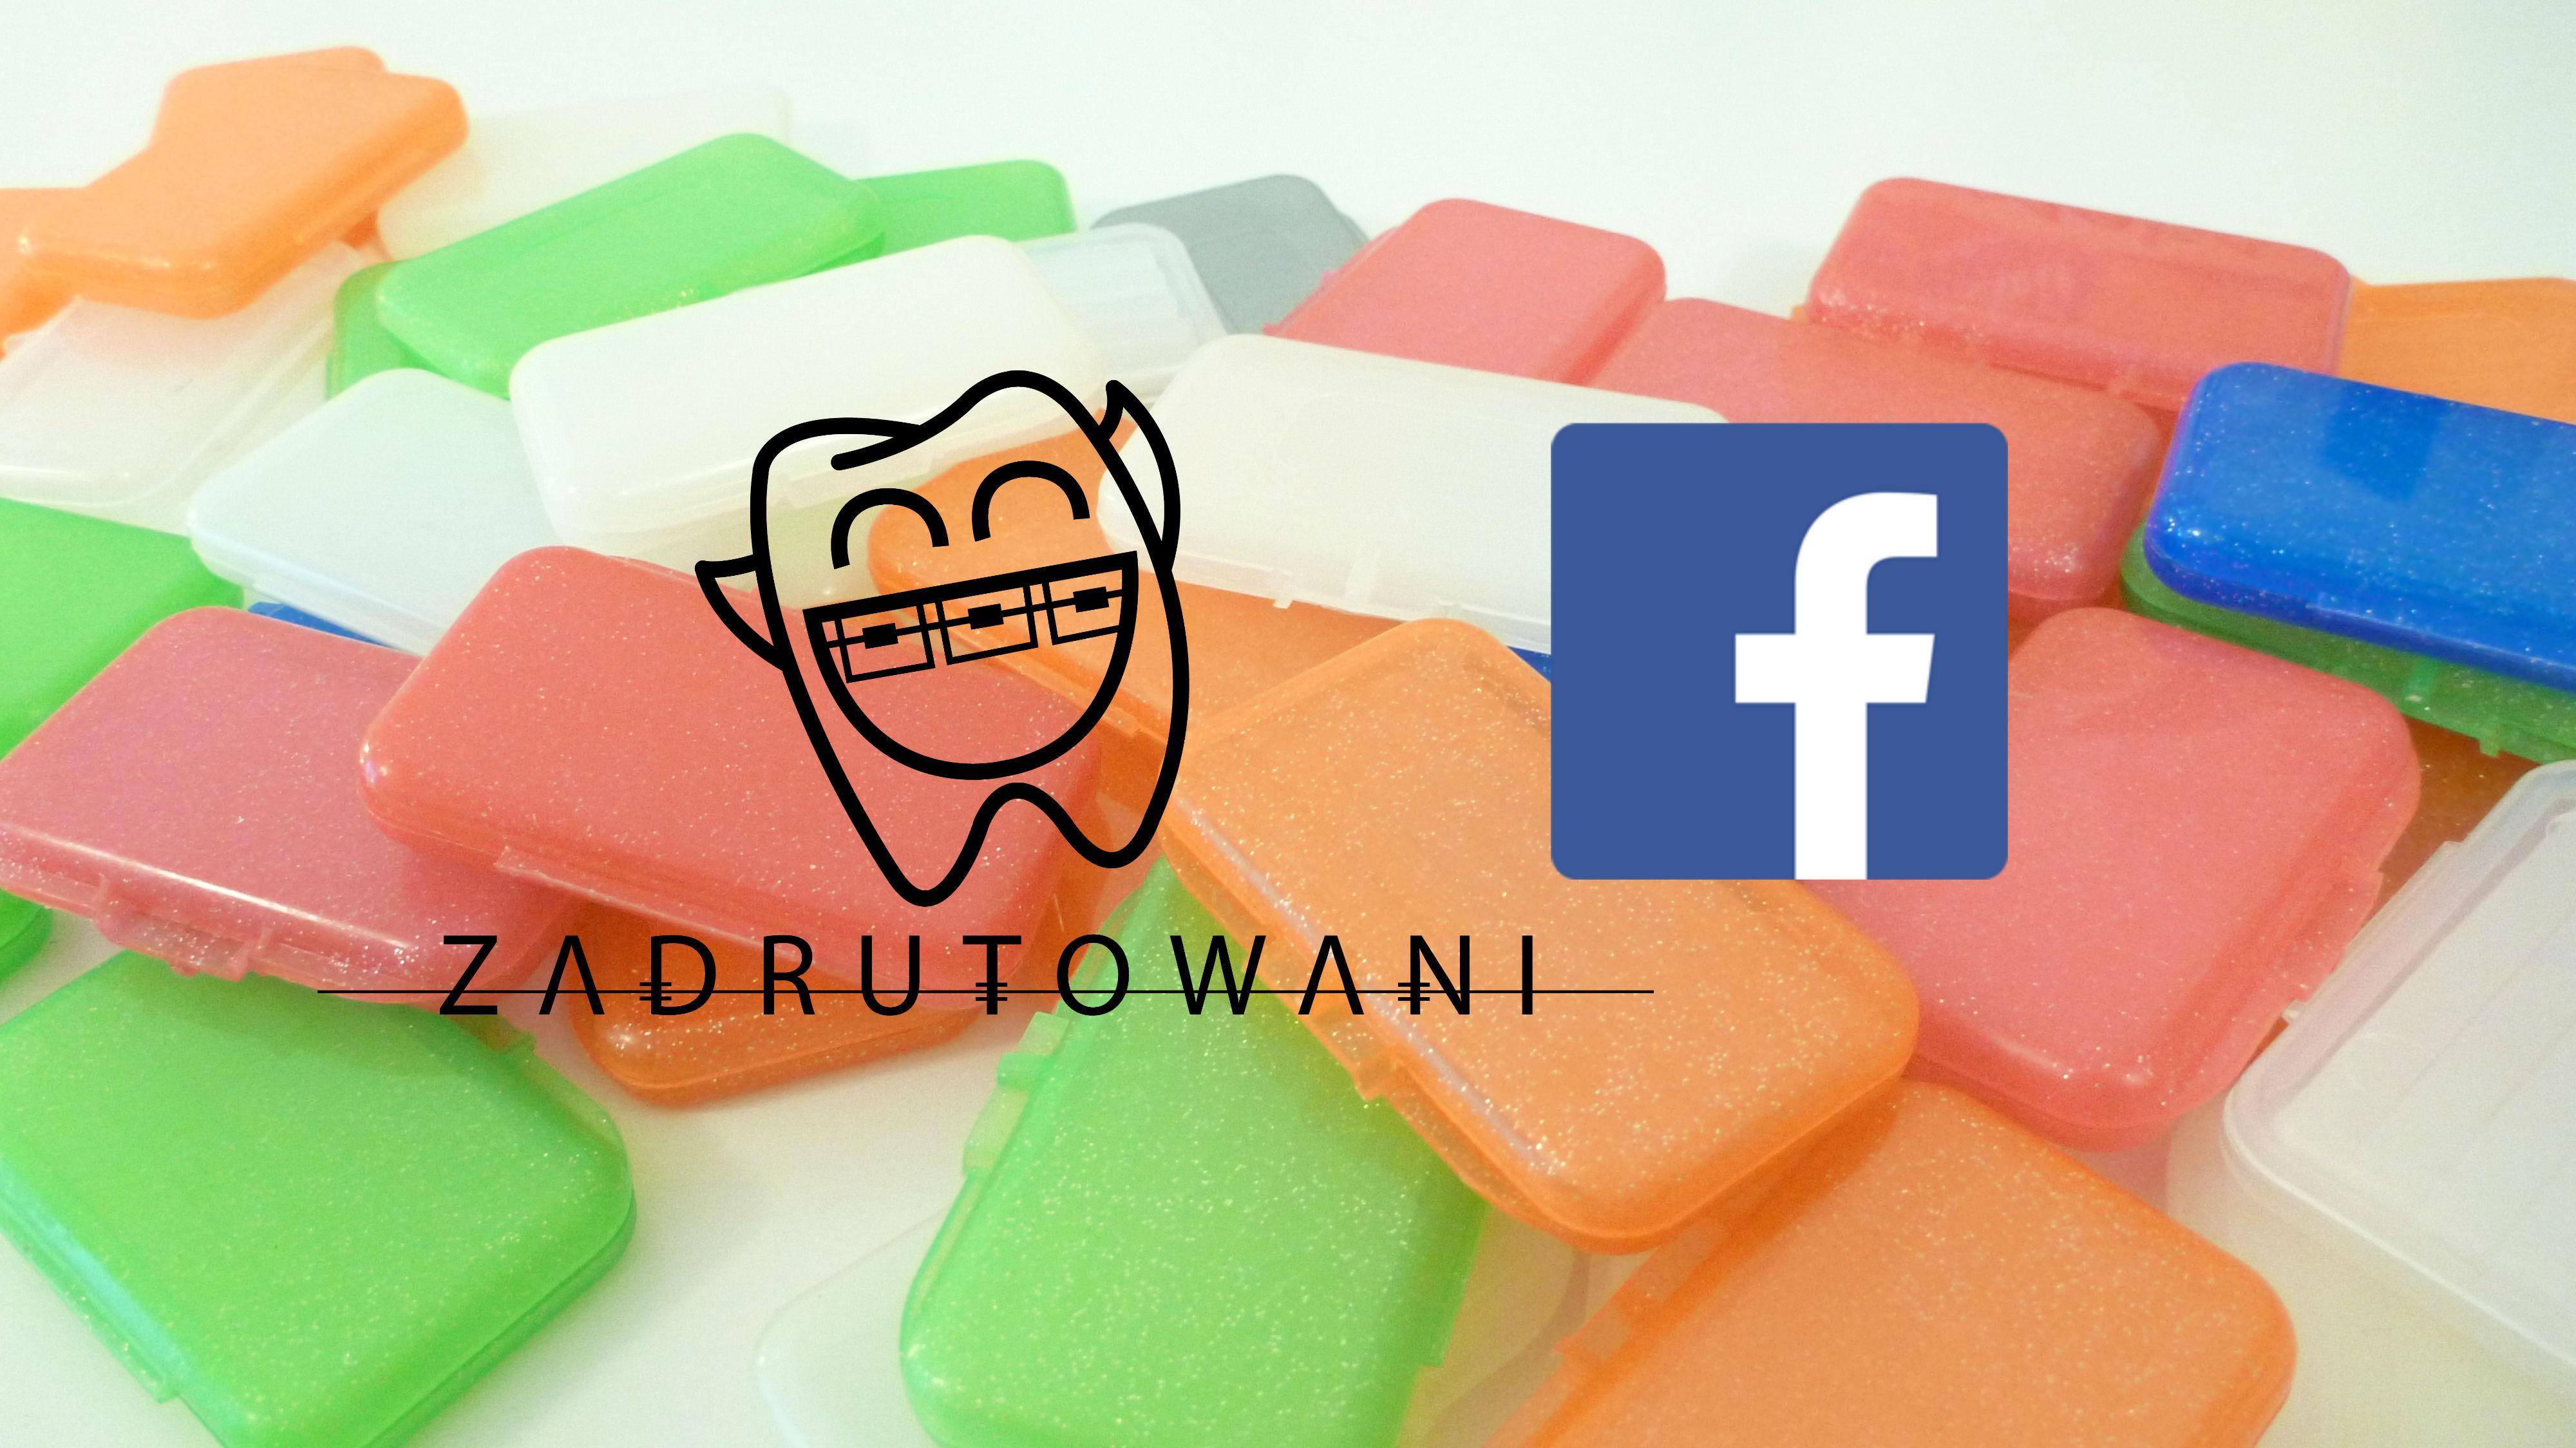 Zadrutowani na Facebook'u!